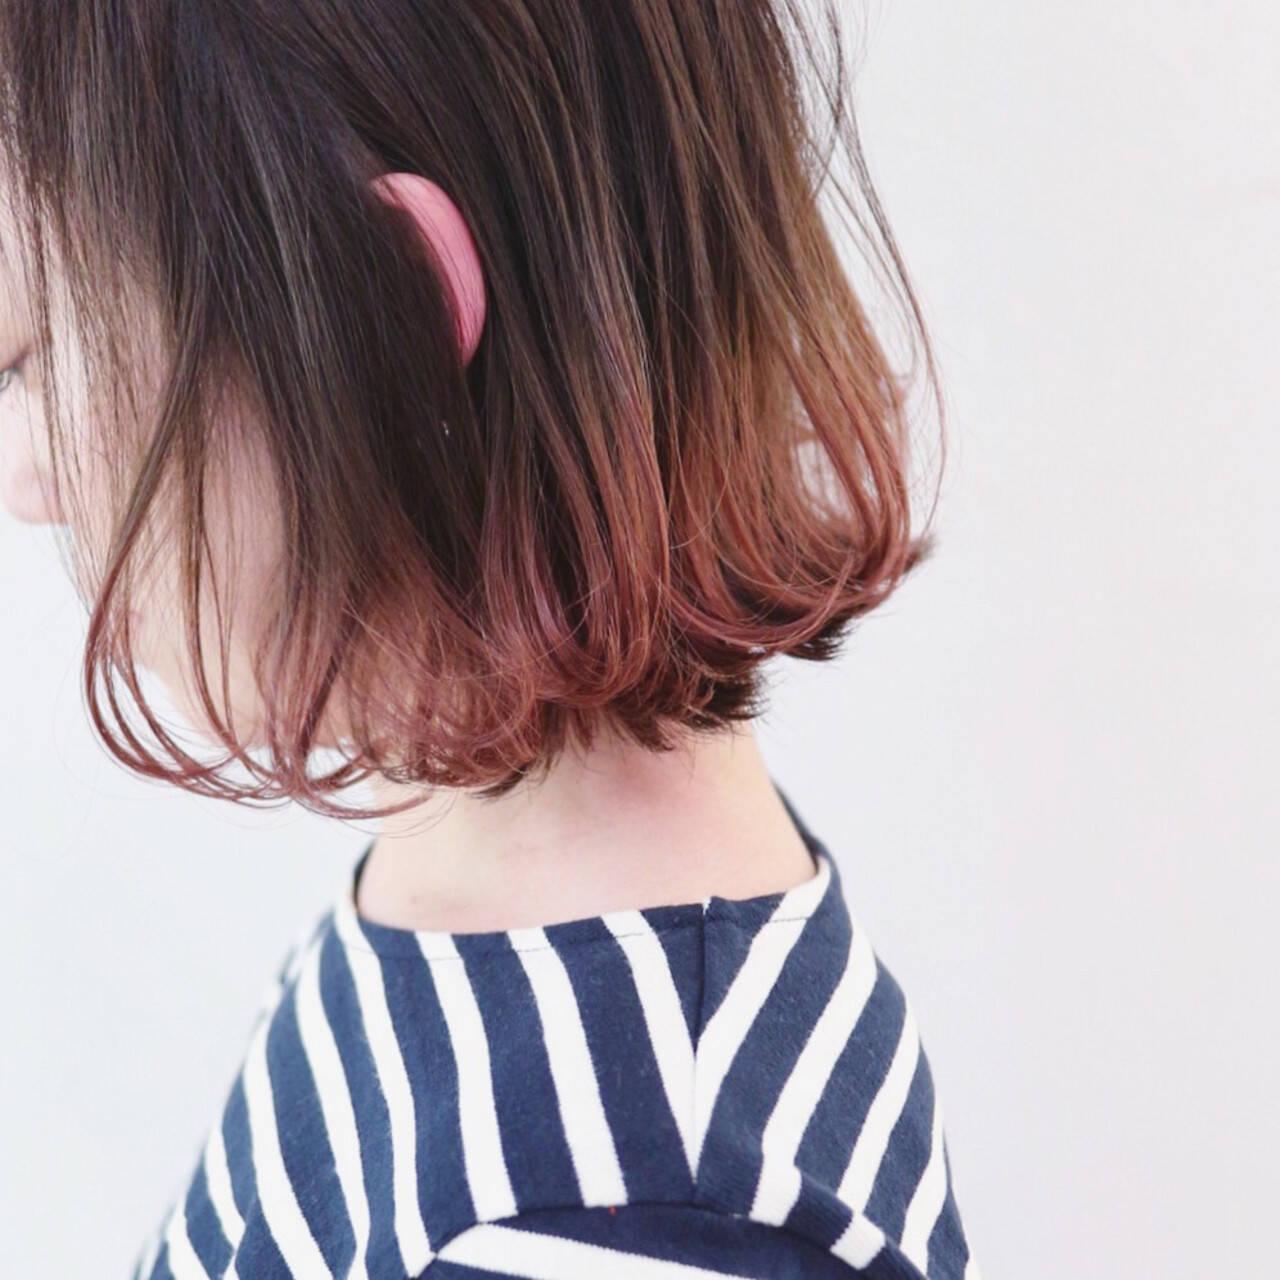 アンニュイほつれヘア ストリート グラデーションカラー パーマヘアスタイルや髪型の写真・画像